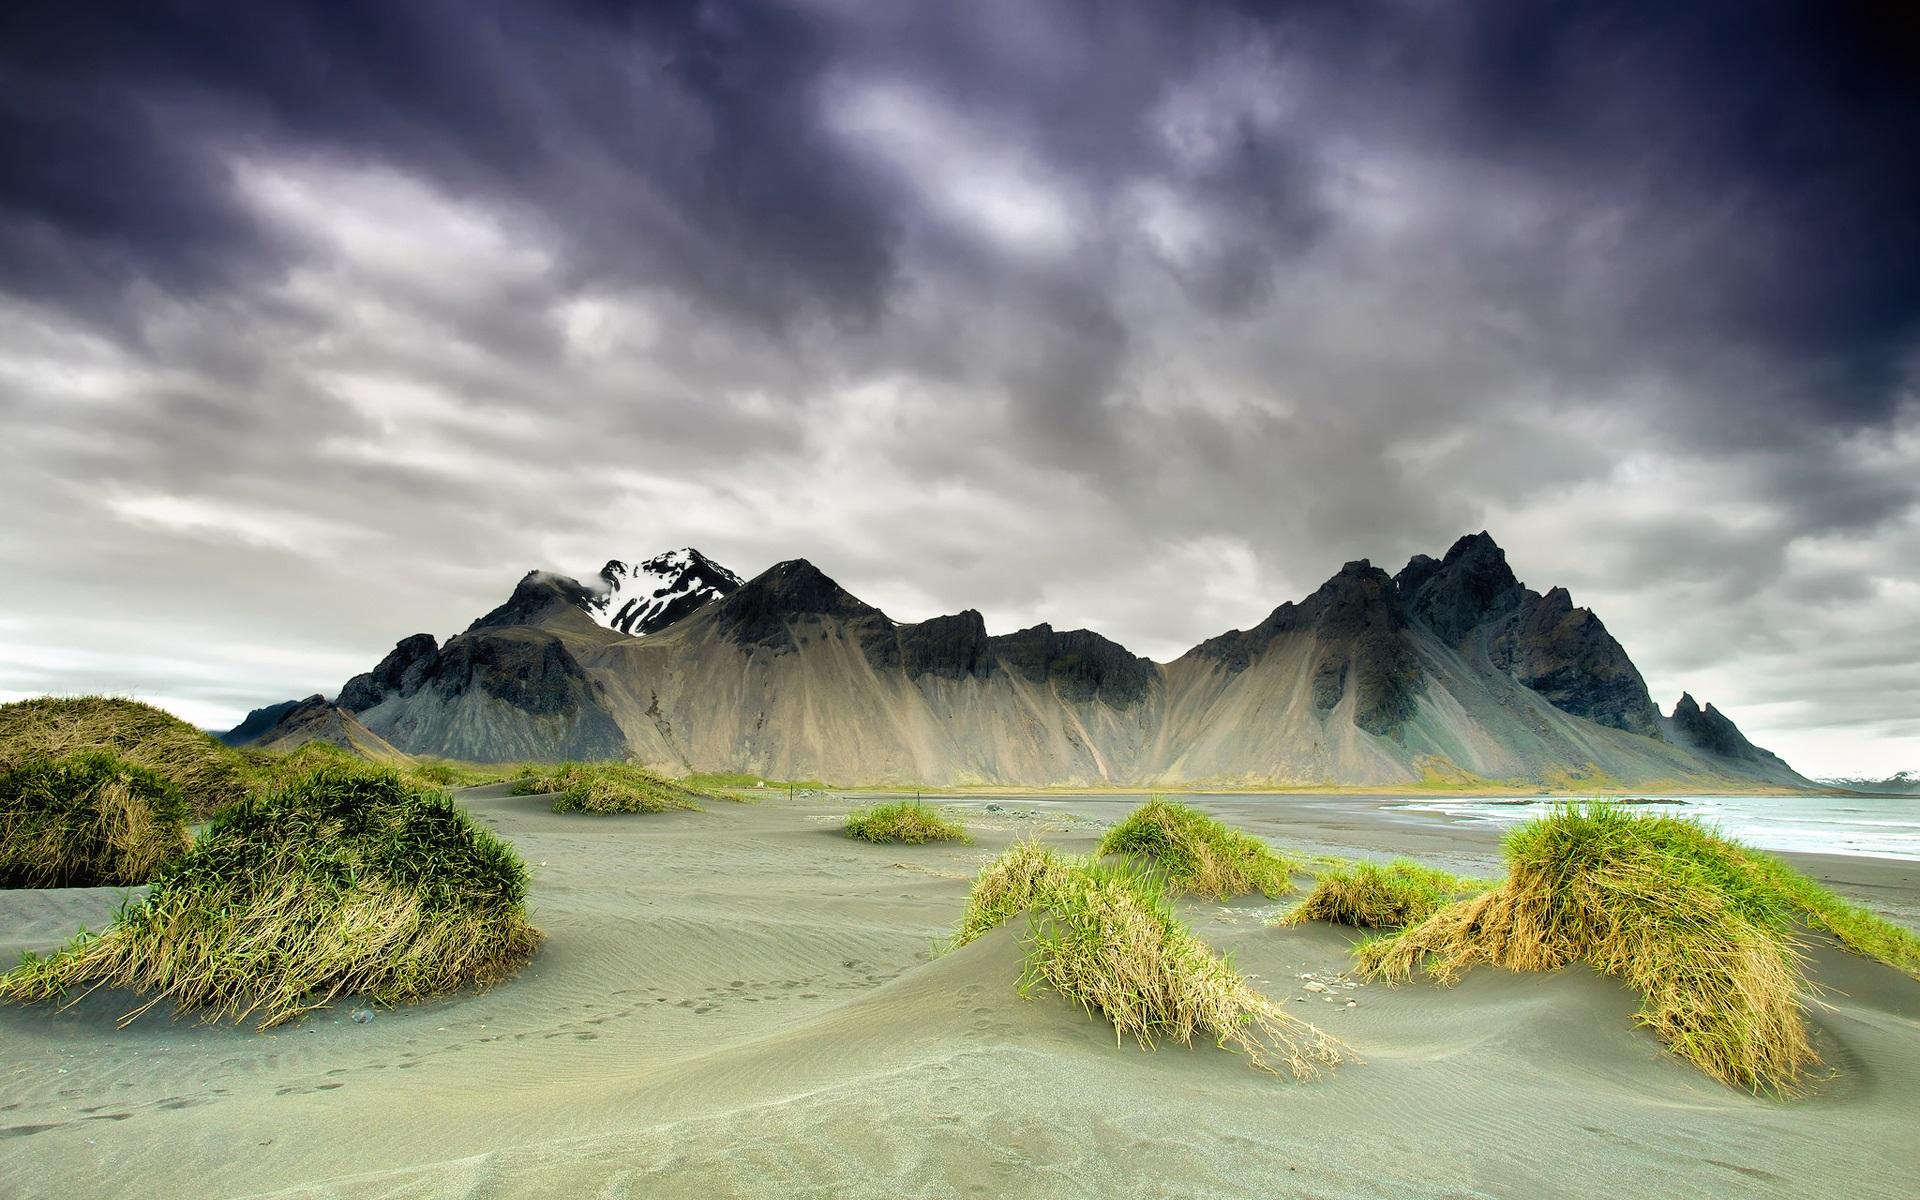 hintergrundbilder beschreibung tropische landschaft - photo #13